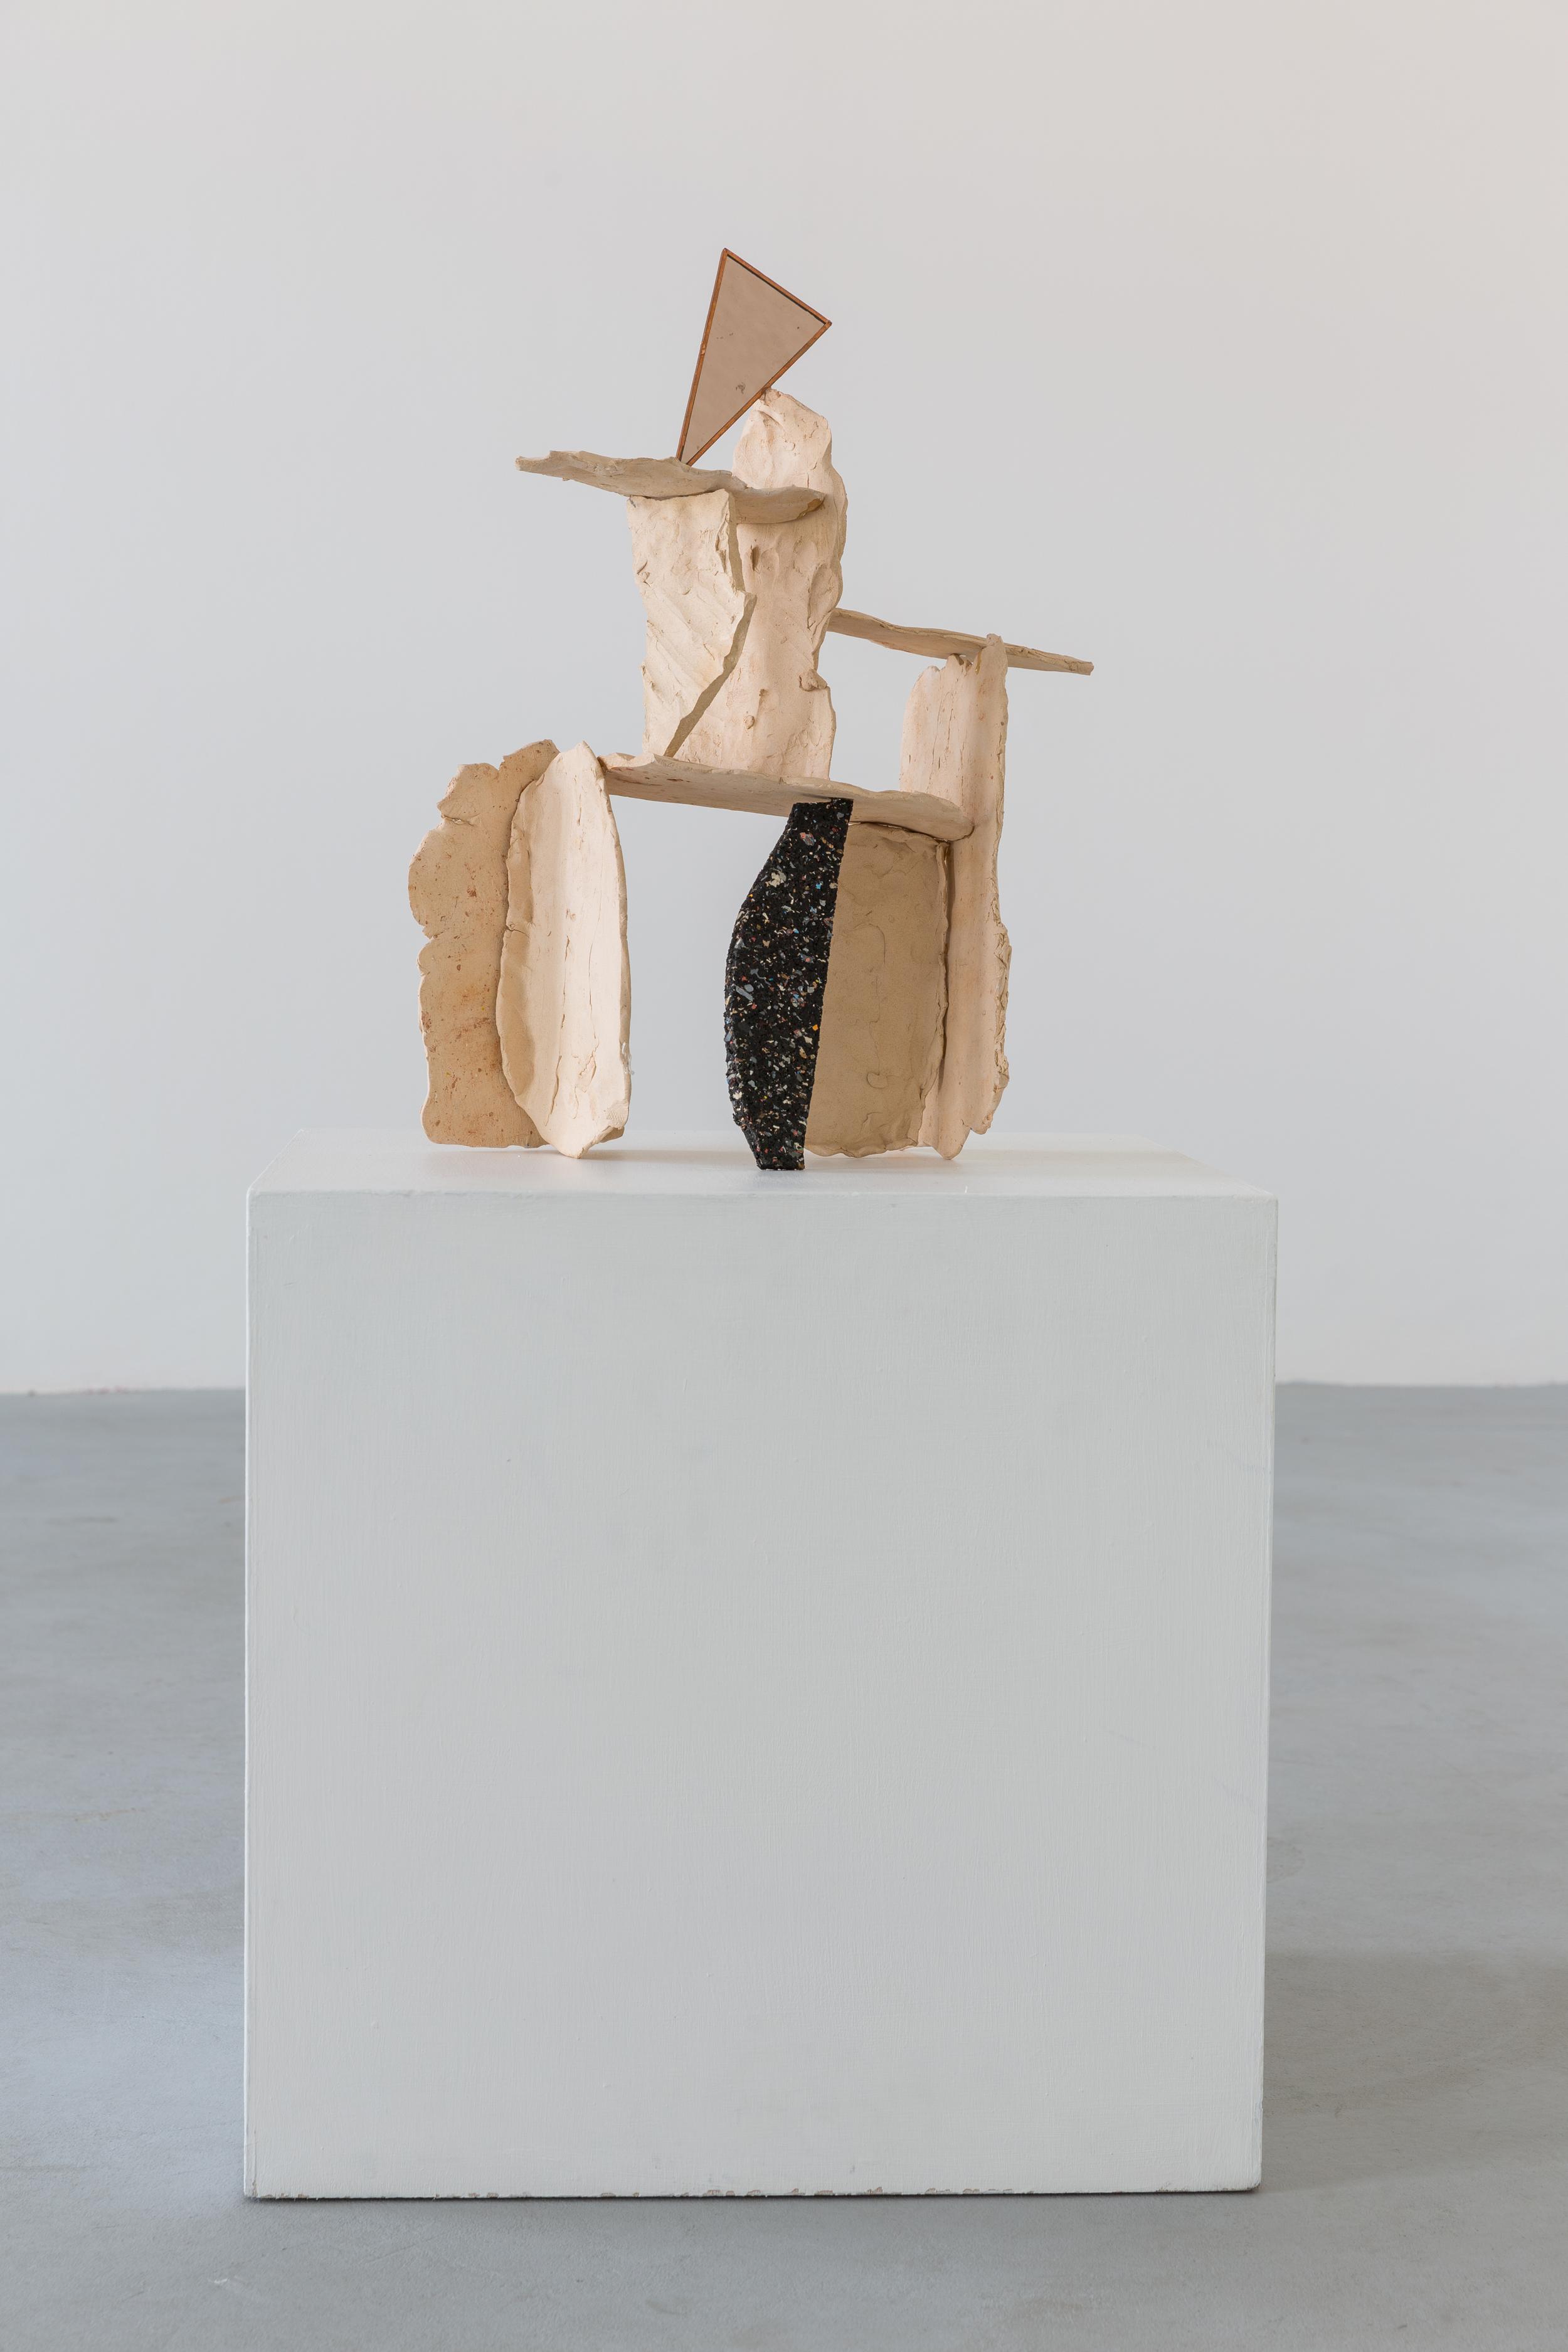 Matyáš Chochola, Olbram stalagnátor kvitky hitleroid, 2015, keramika, 53 x 27 x 20 cm